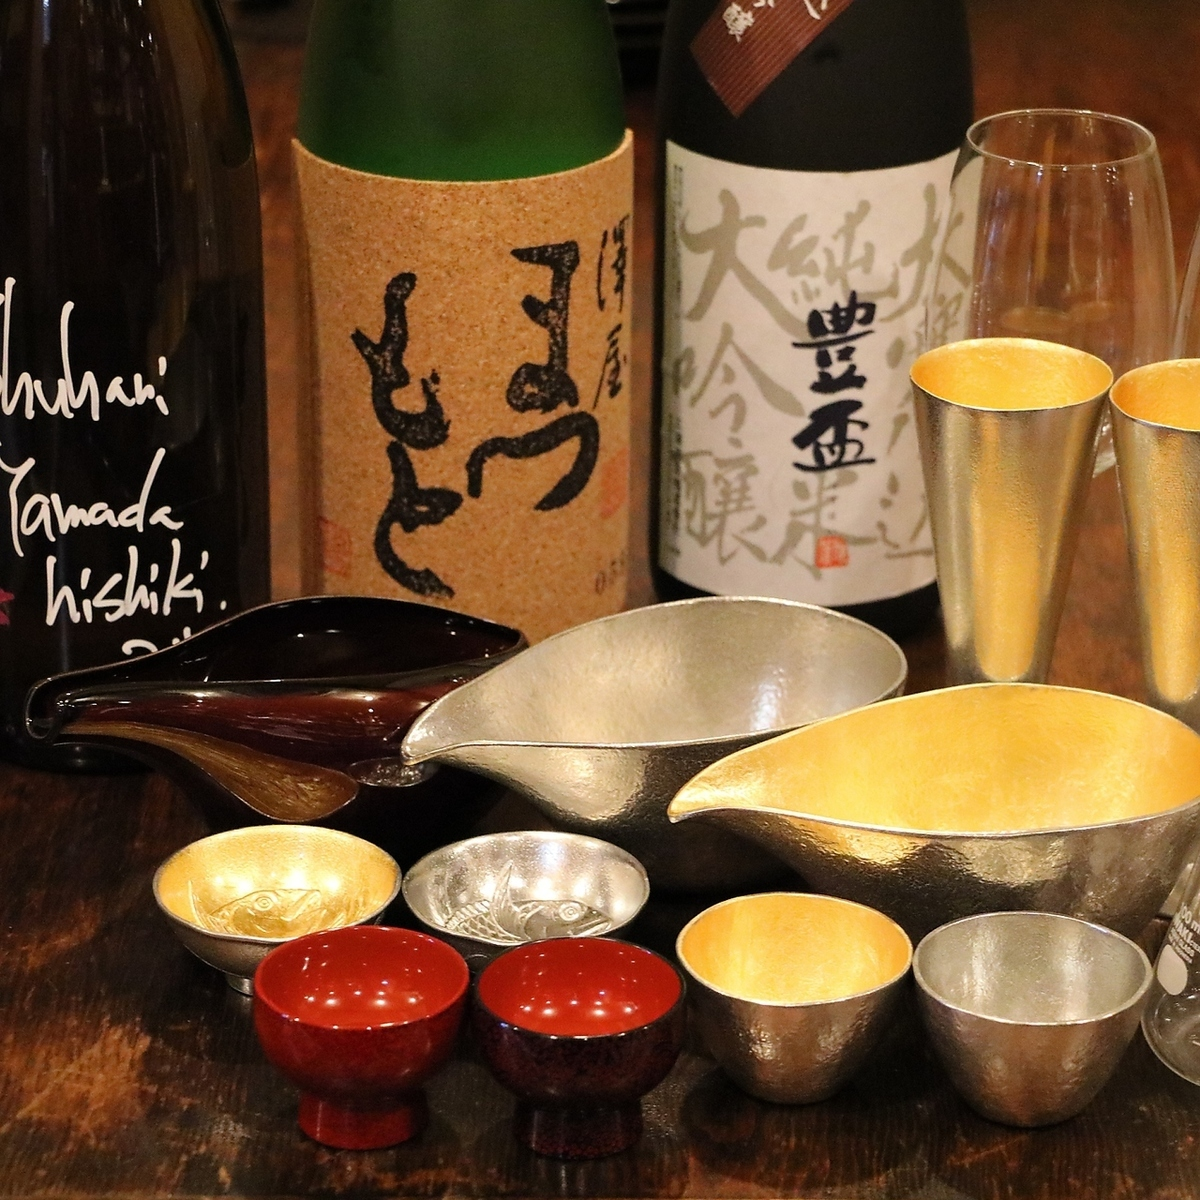 様々な酒器で四季の旬の日本酒を呑める